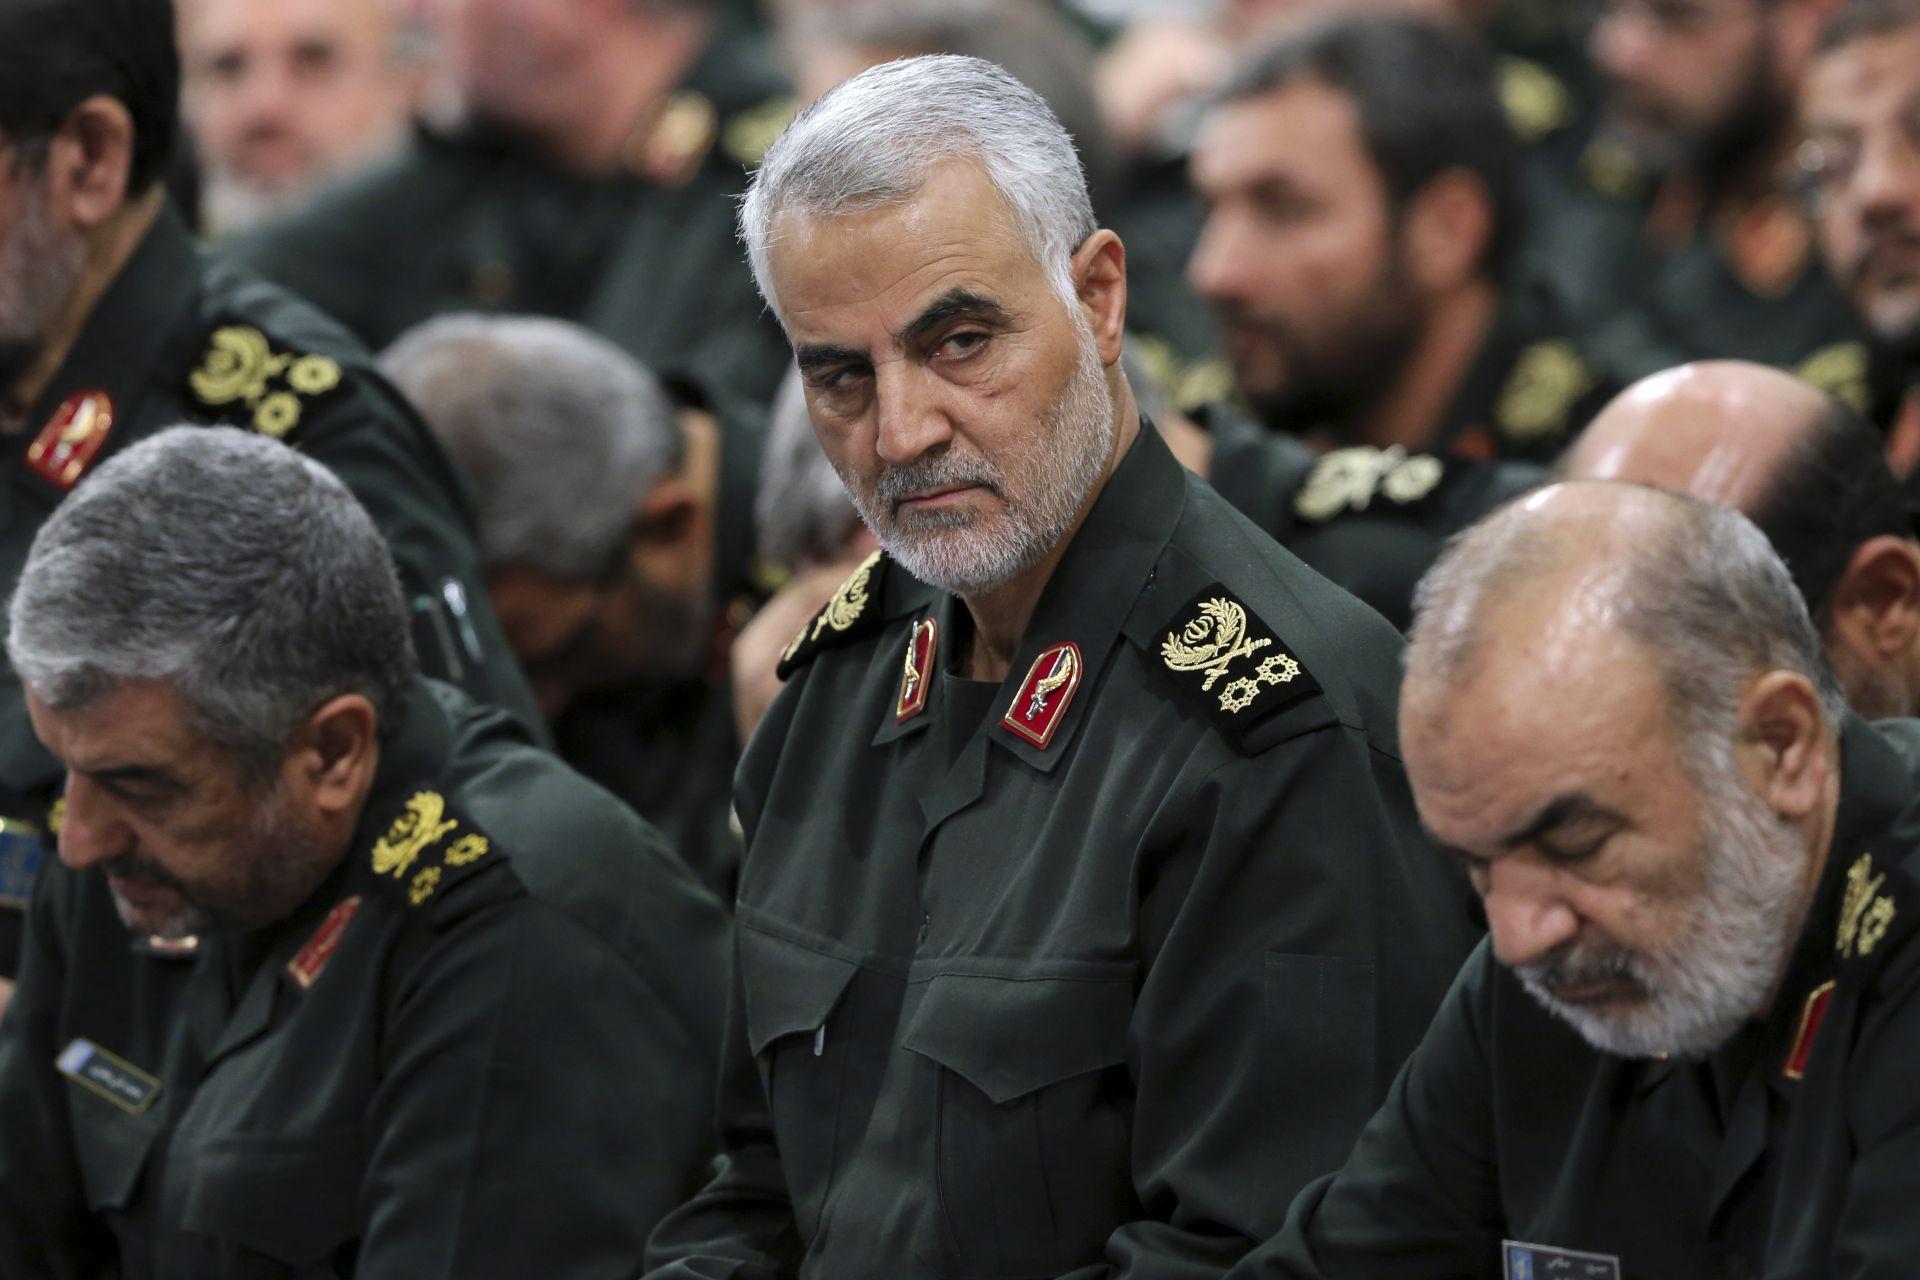 Снимка на генарал Солеймани сред военни лидери от 2016 г.